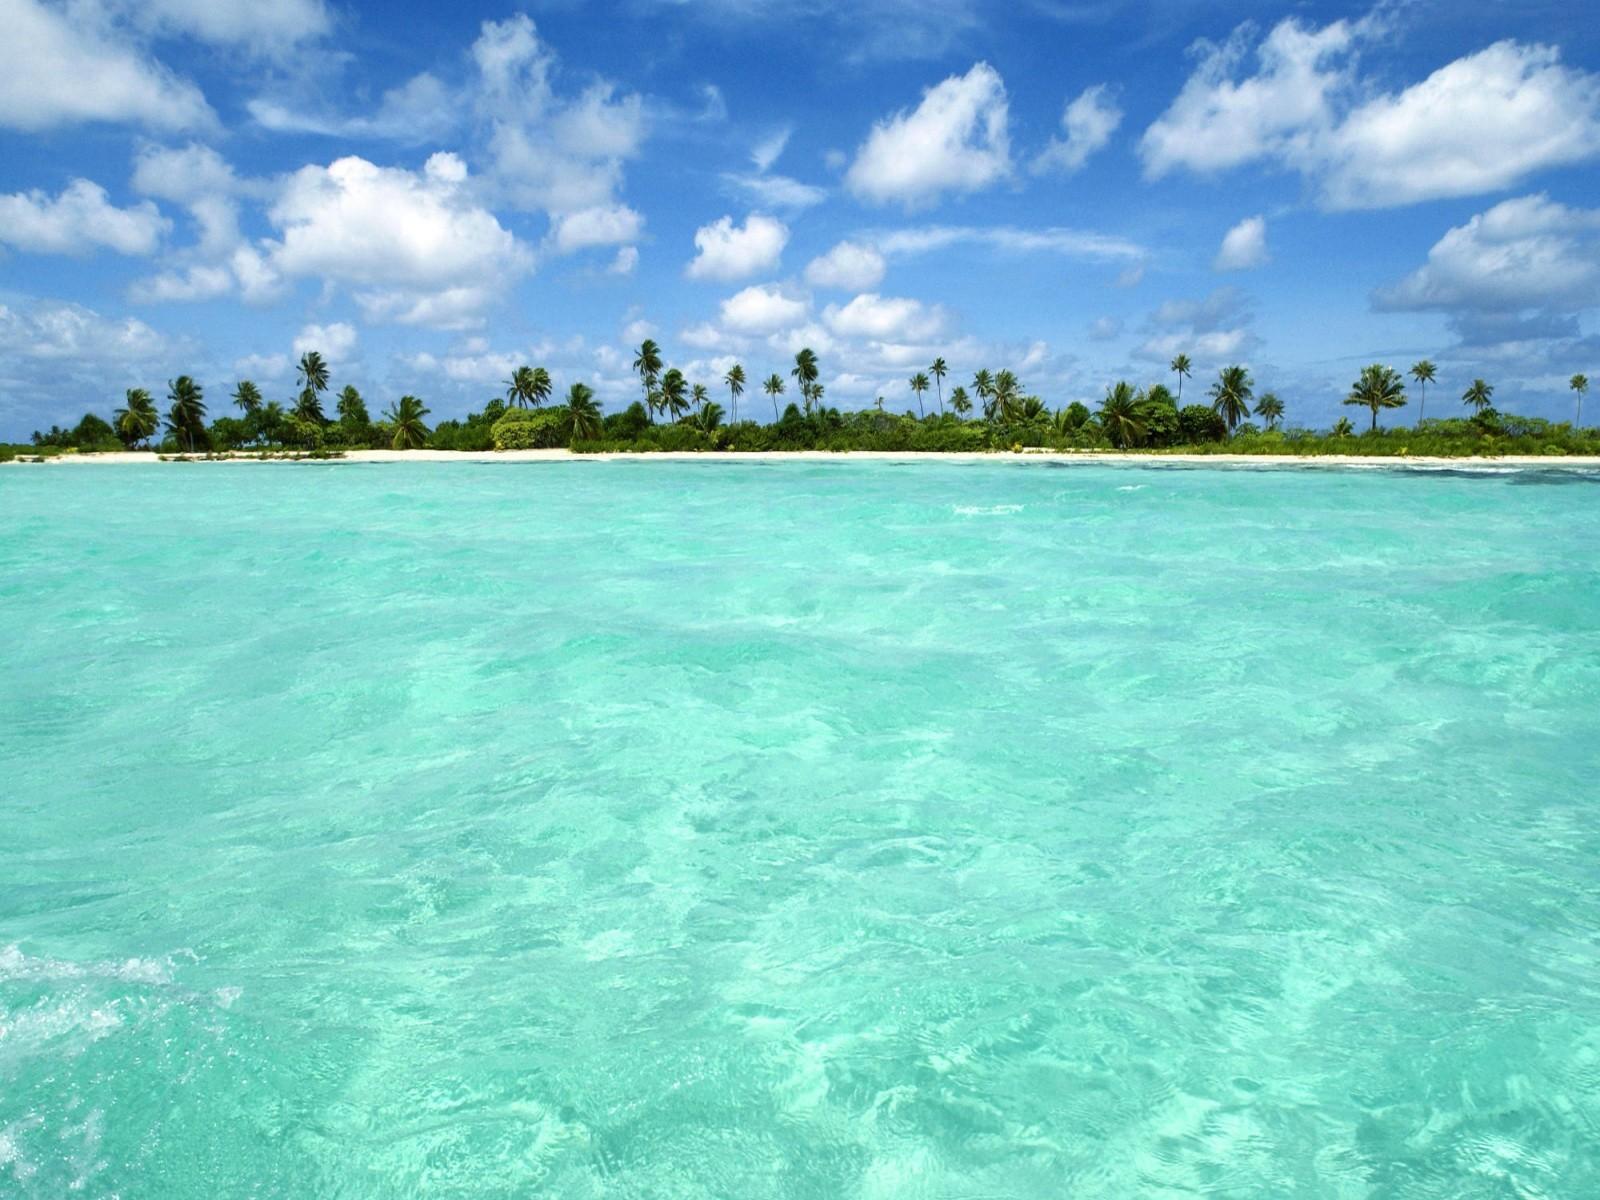 http://2.bp.blogspot.com/-5hpOwB2TxRk/UQEN-V6QRHI/AAAAAAAAMjI/-I4VwqIWenE/s1600/Island+Sea+Nature+HD+Wallpaper.jpg